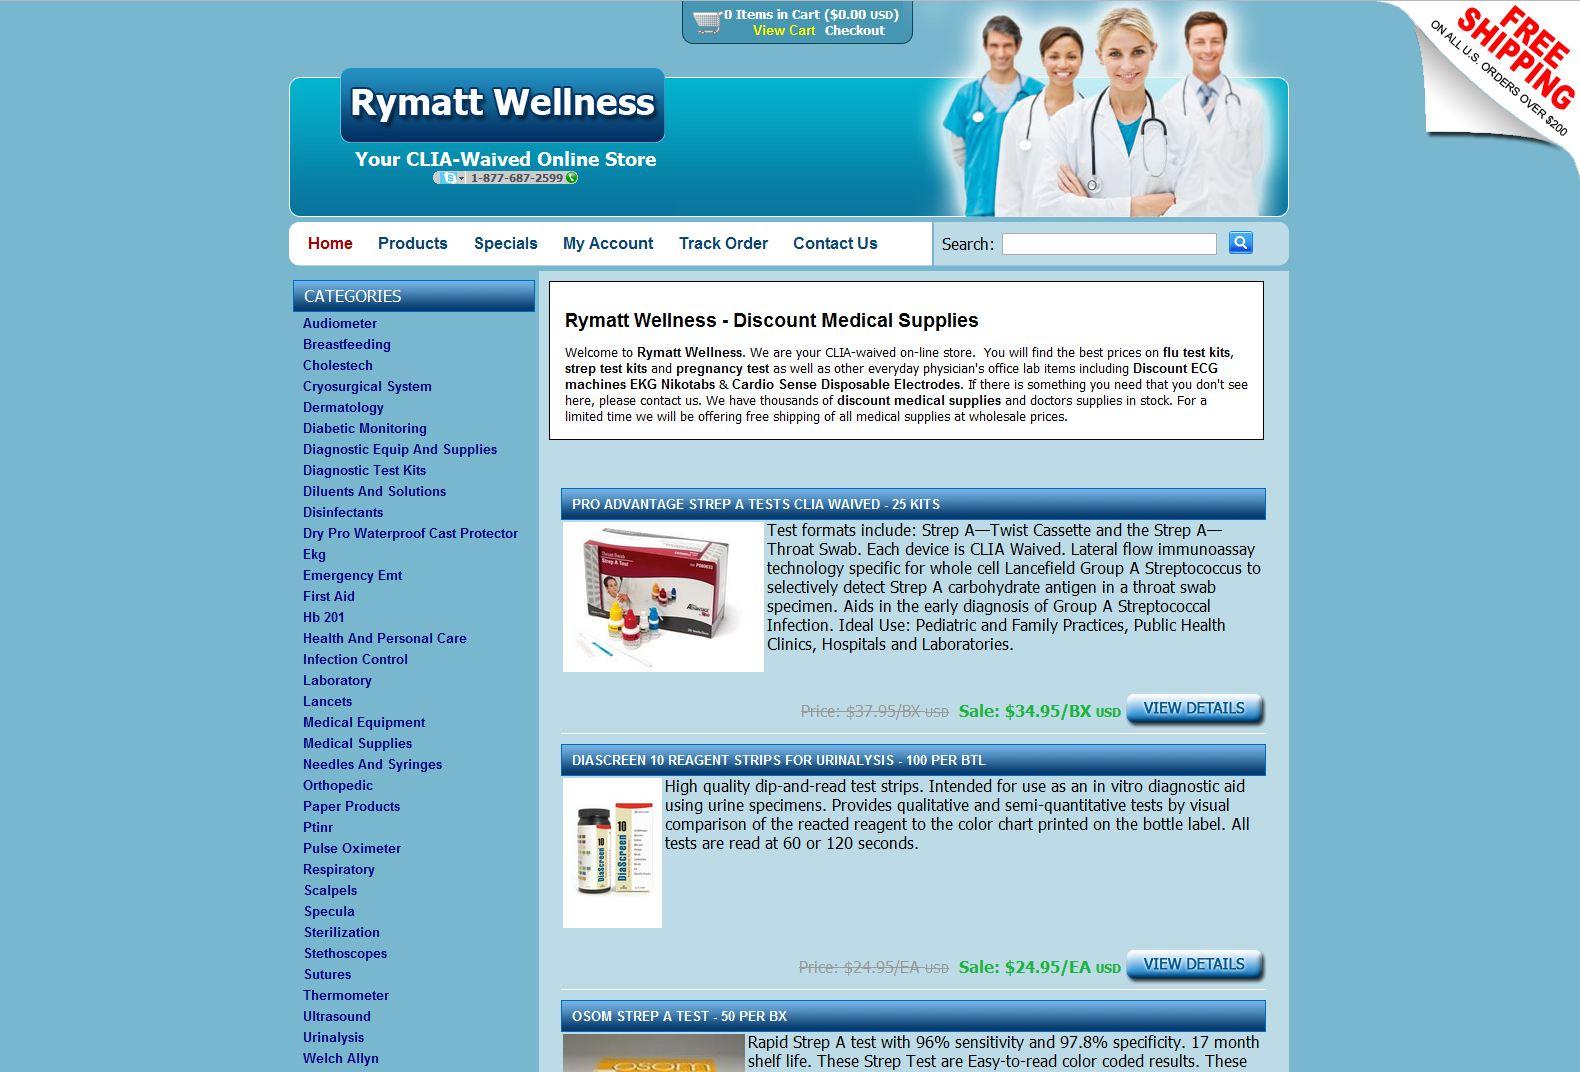 Rymatt Wellness